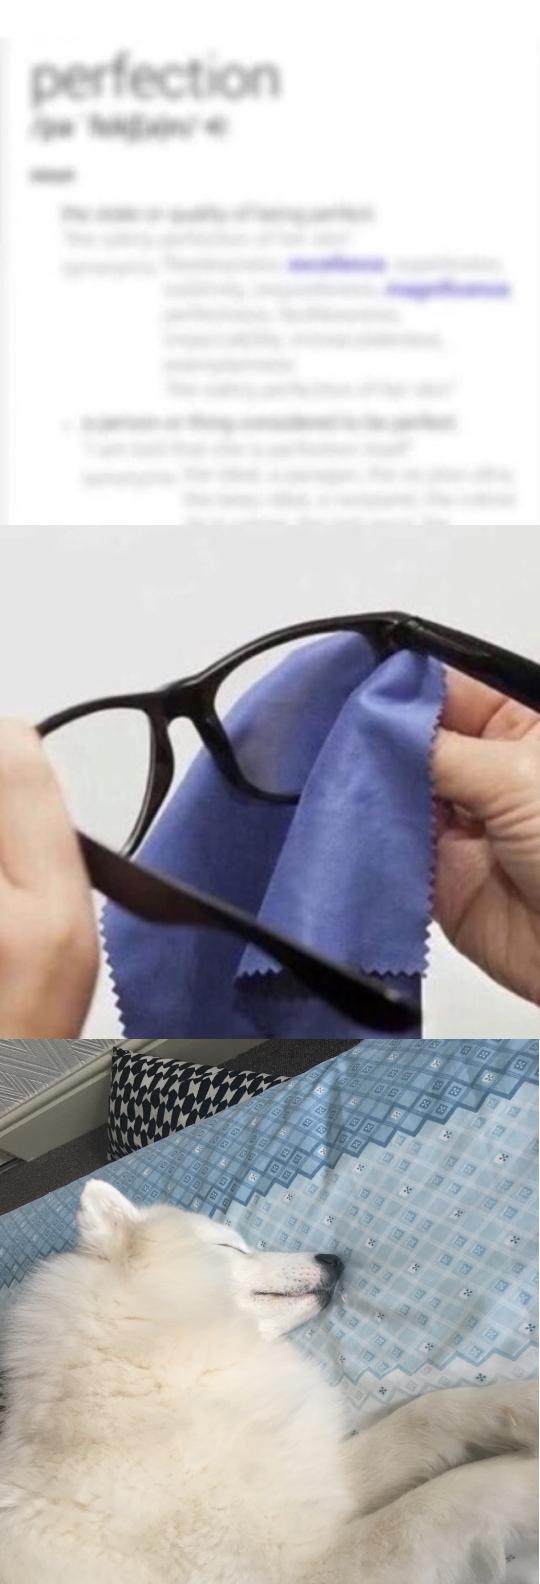 Cleaning Glasses Meme Meme Baby